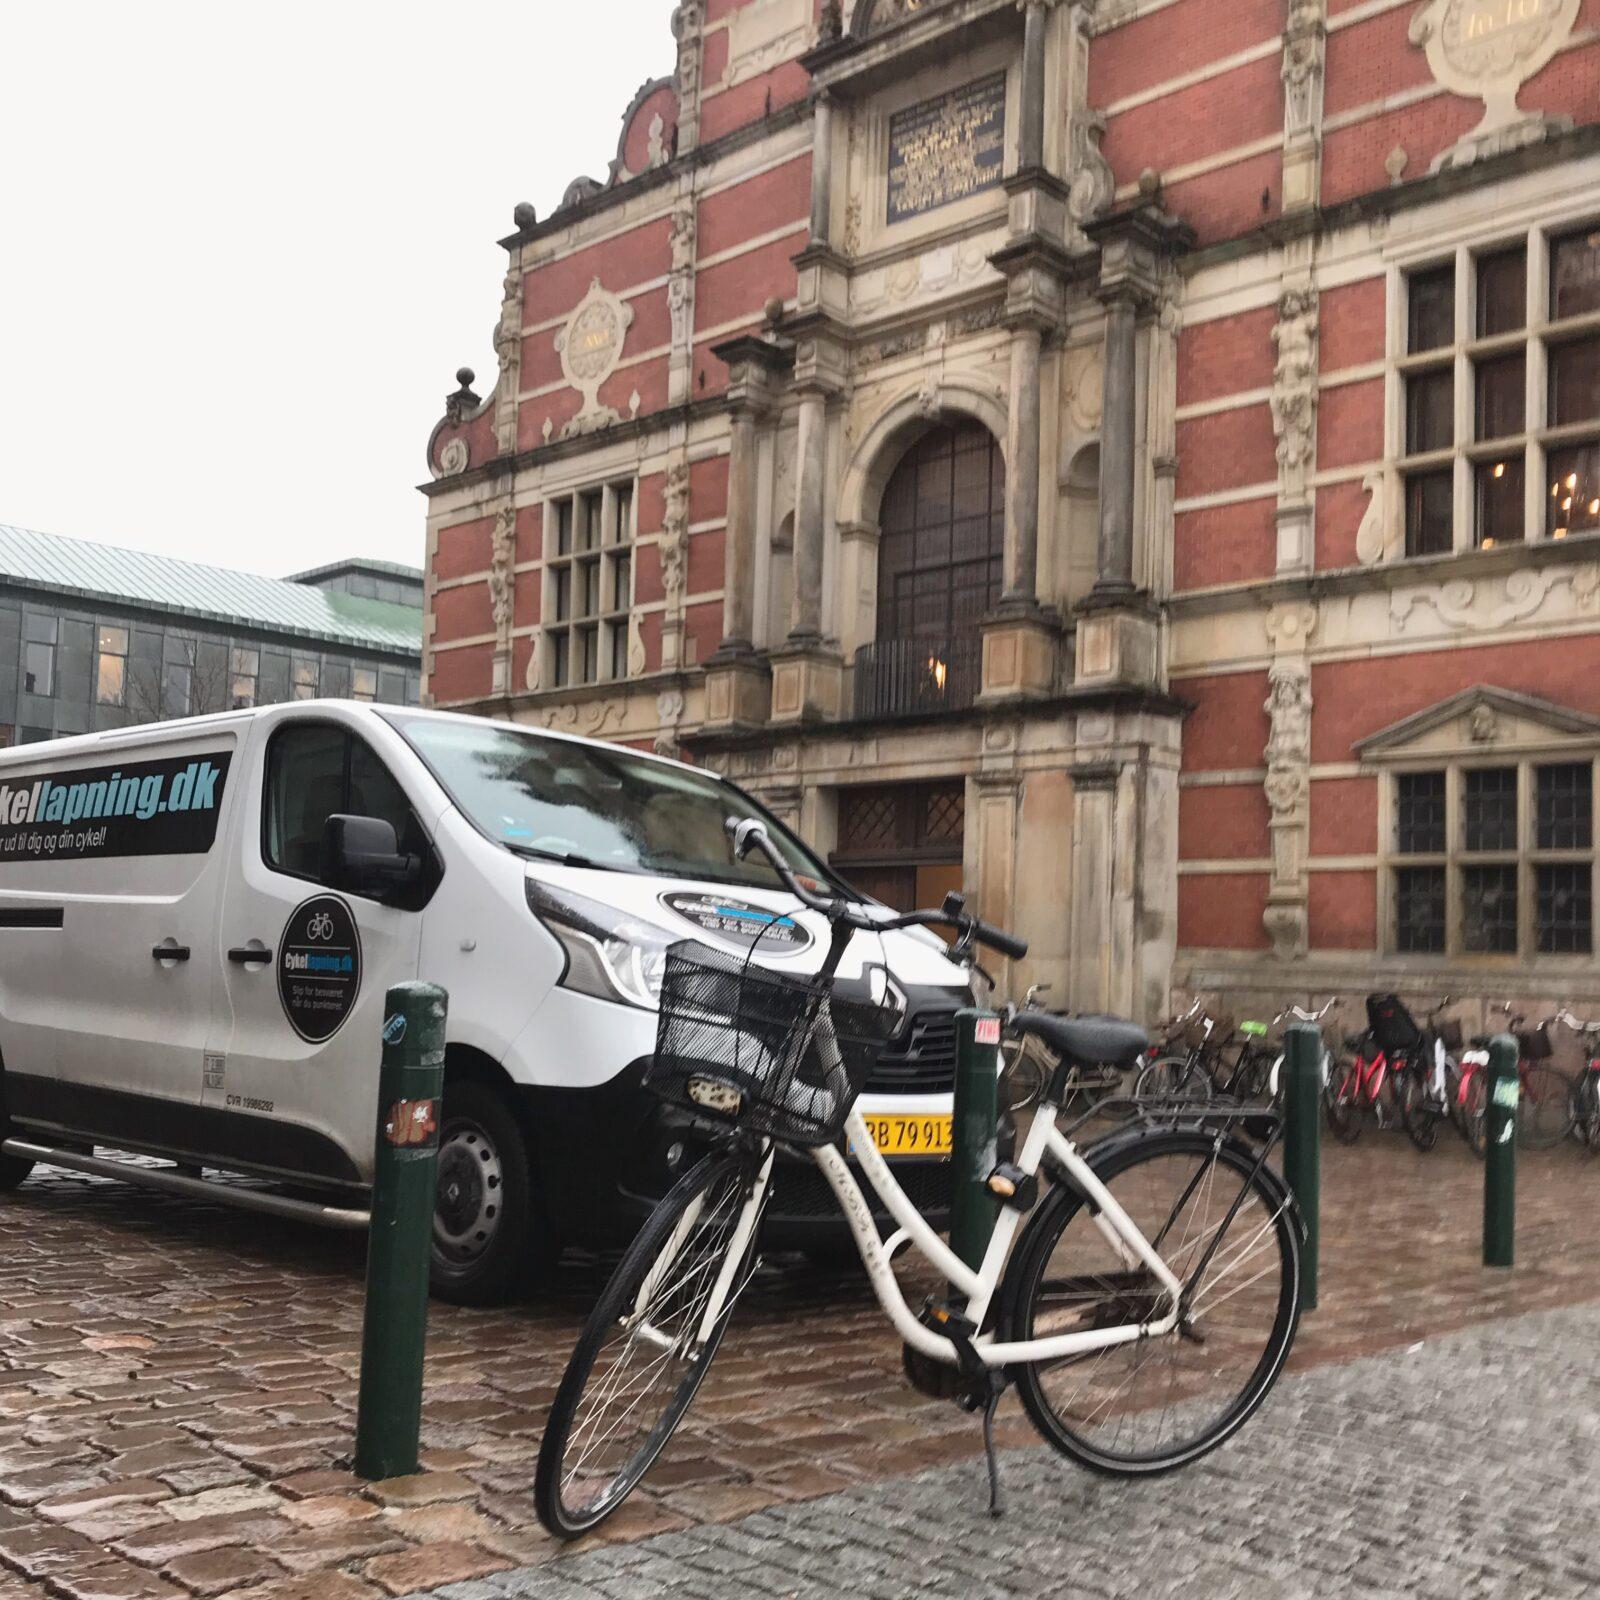 Mobil cykelservice eftersyn og klargøring hele året